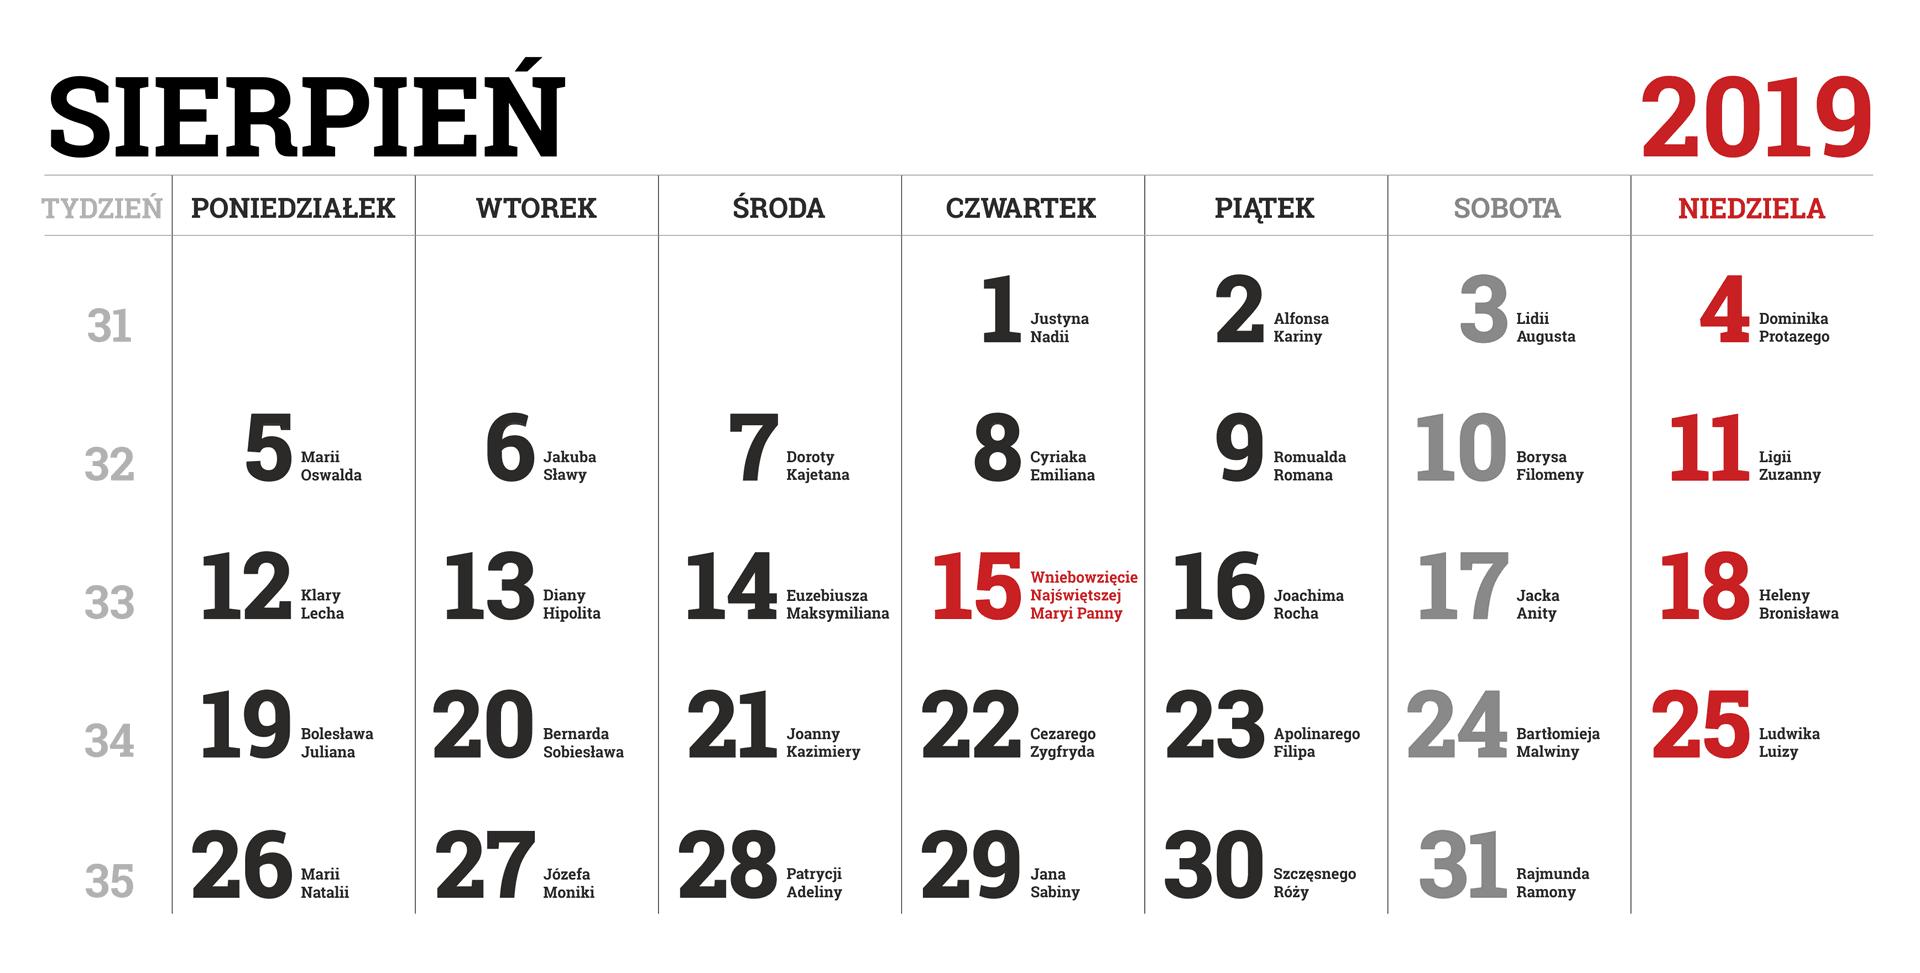 Kalendarium miesiąca sierpnia 2019 roku